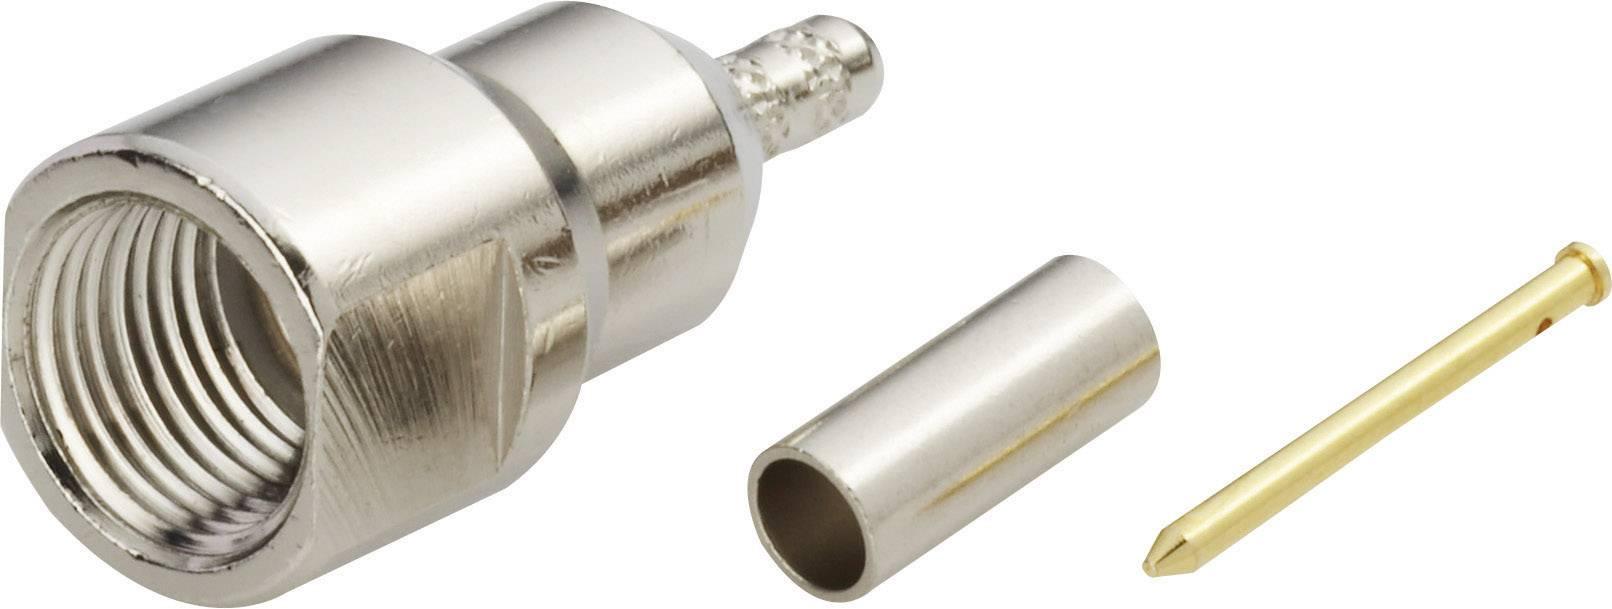 FME konektor zástrčka, rovná Amphenol FME1121B4-ND3G-5-50, 50 Ohm, 1 ks